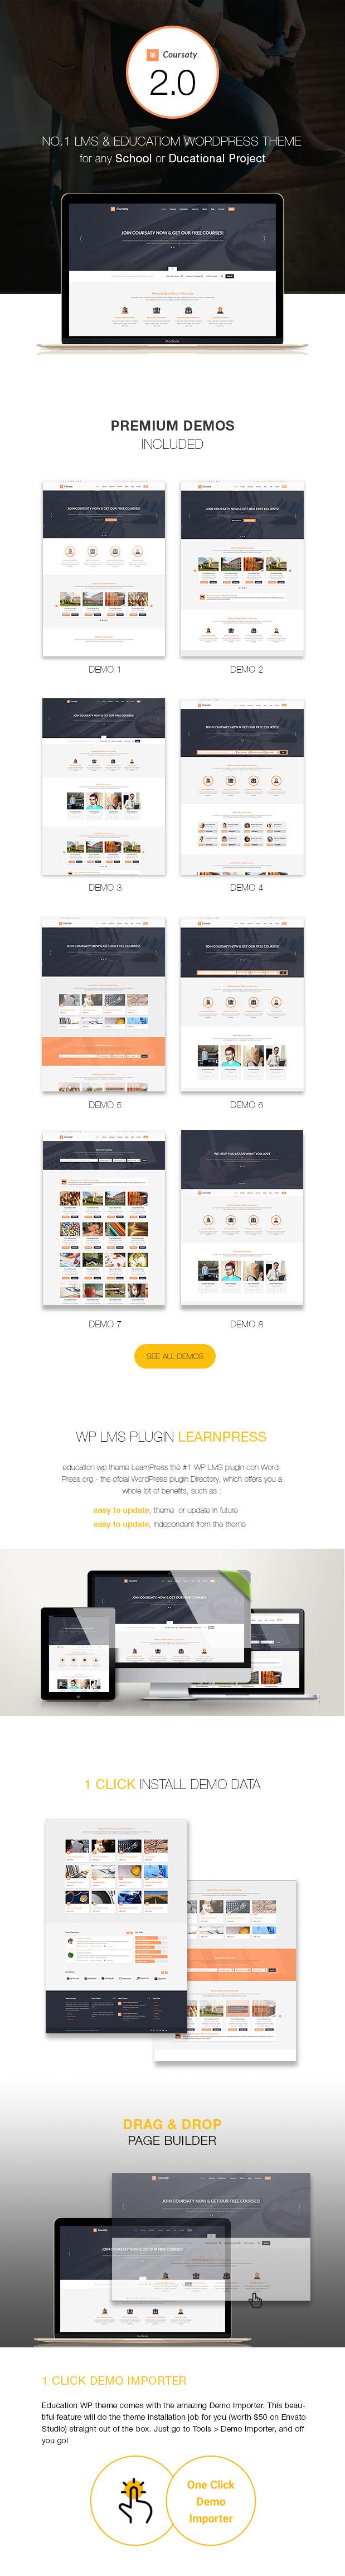 Coursaty - Courses | Education WordPress Theme - 1